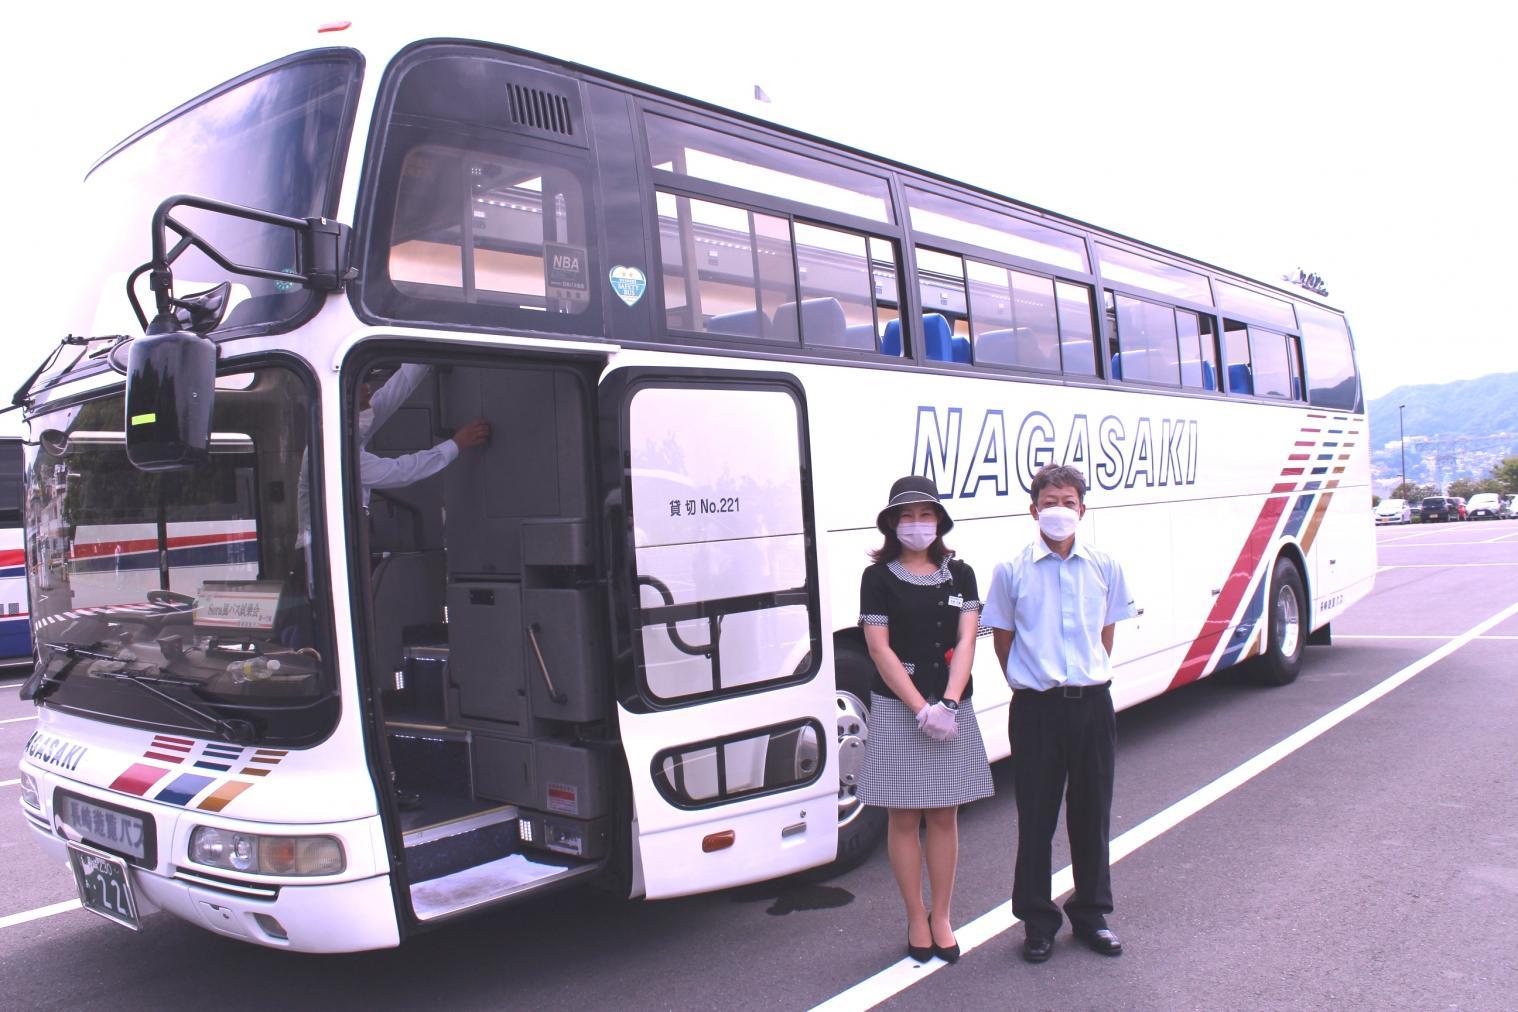 オープン・バス「Sora風バス」-1